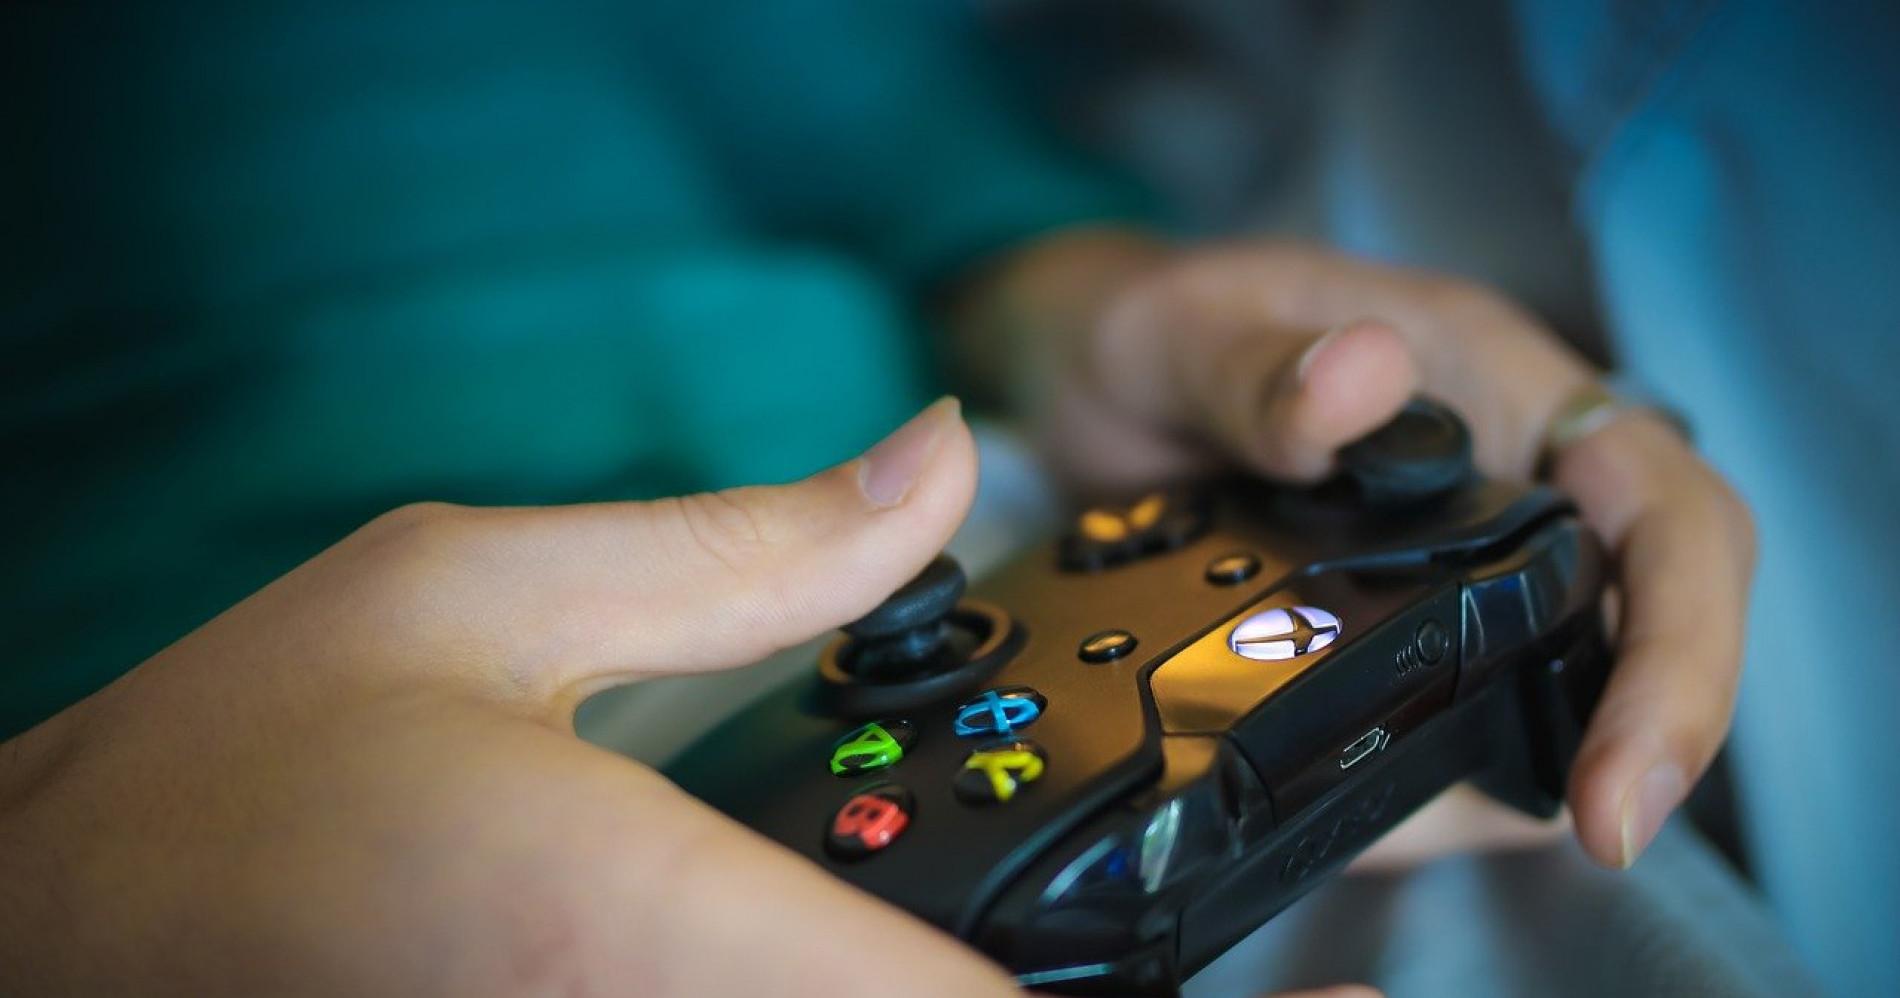 Profesi Joki game yang menggiurkan (Sumber gambar : Olichel dari pixabay)